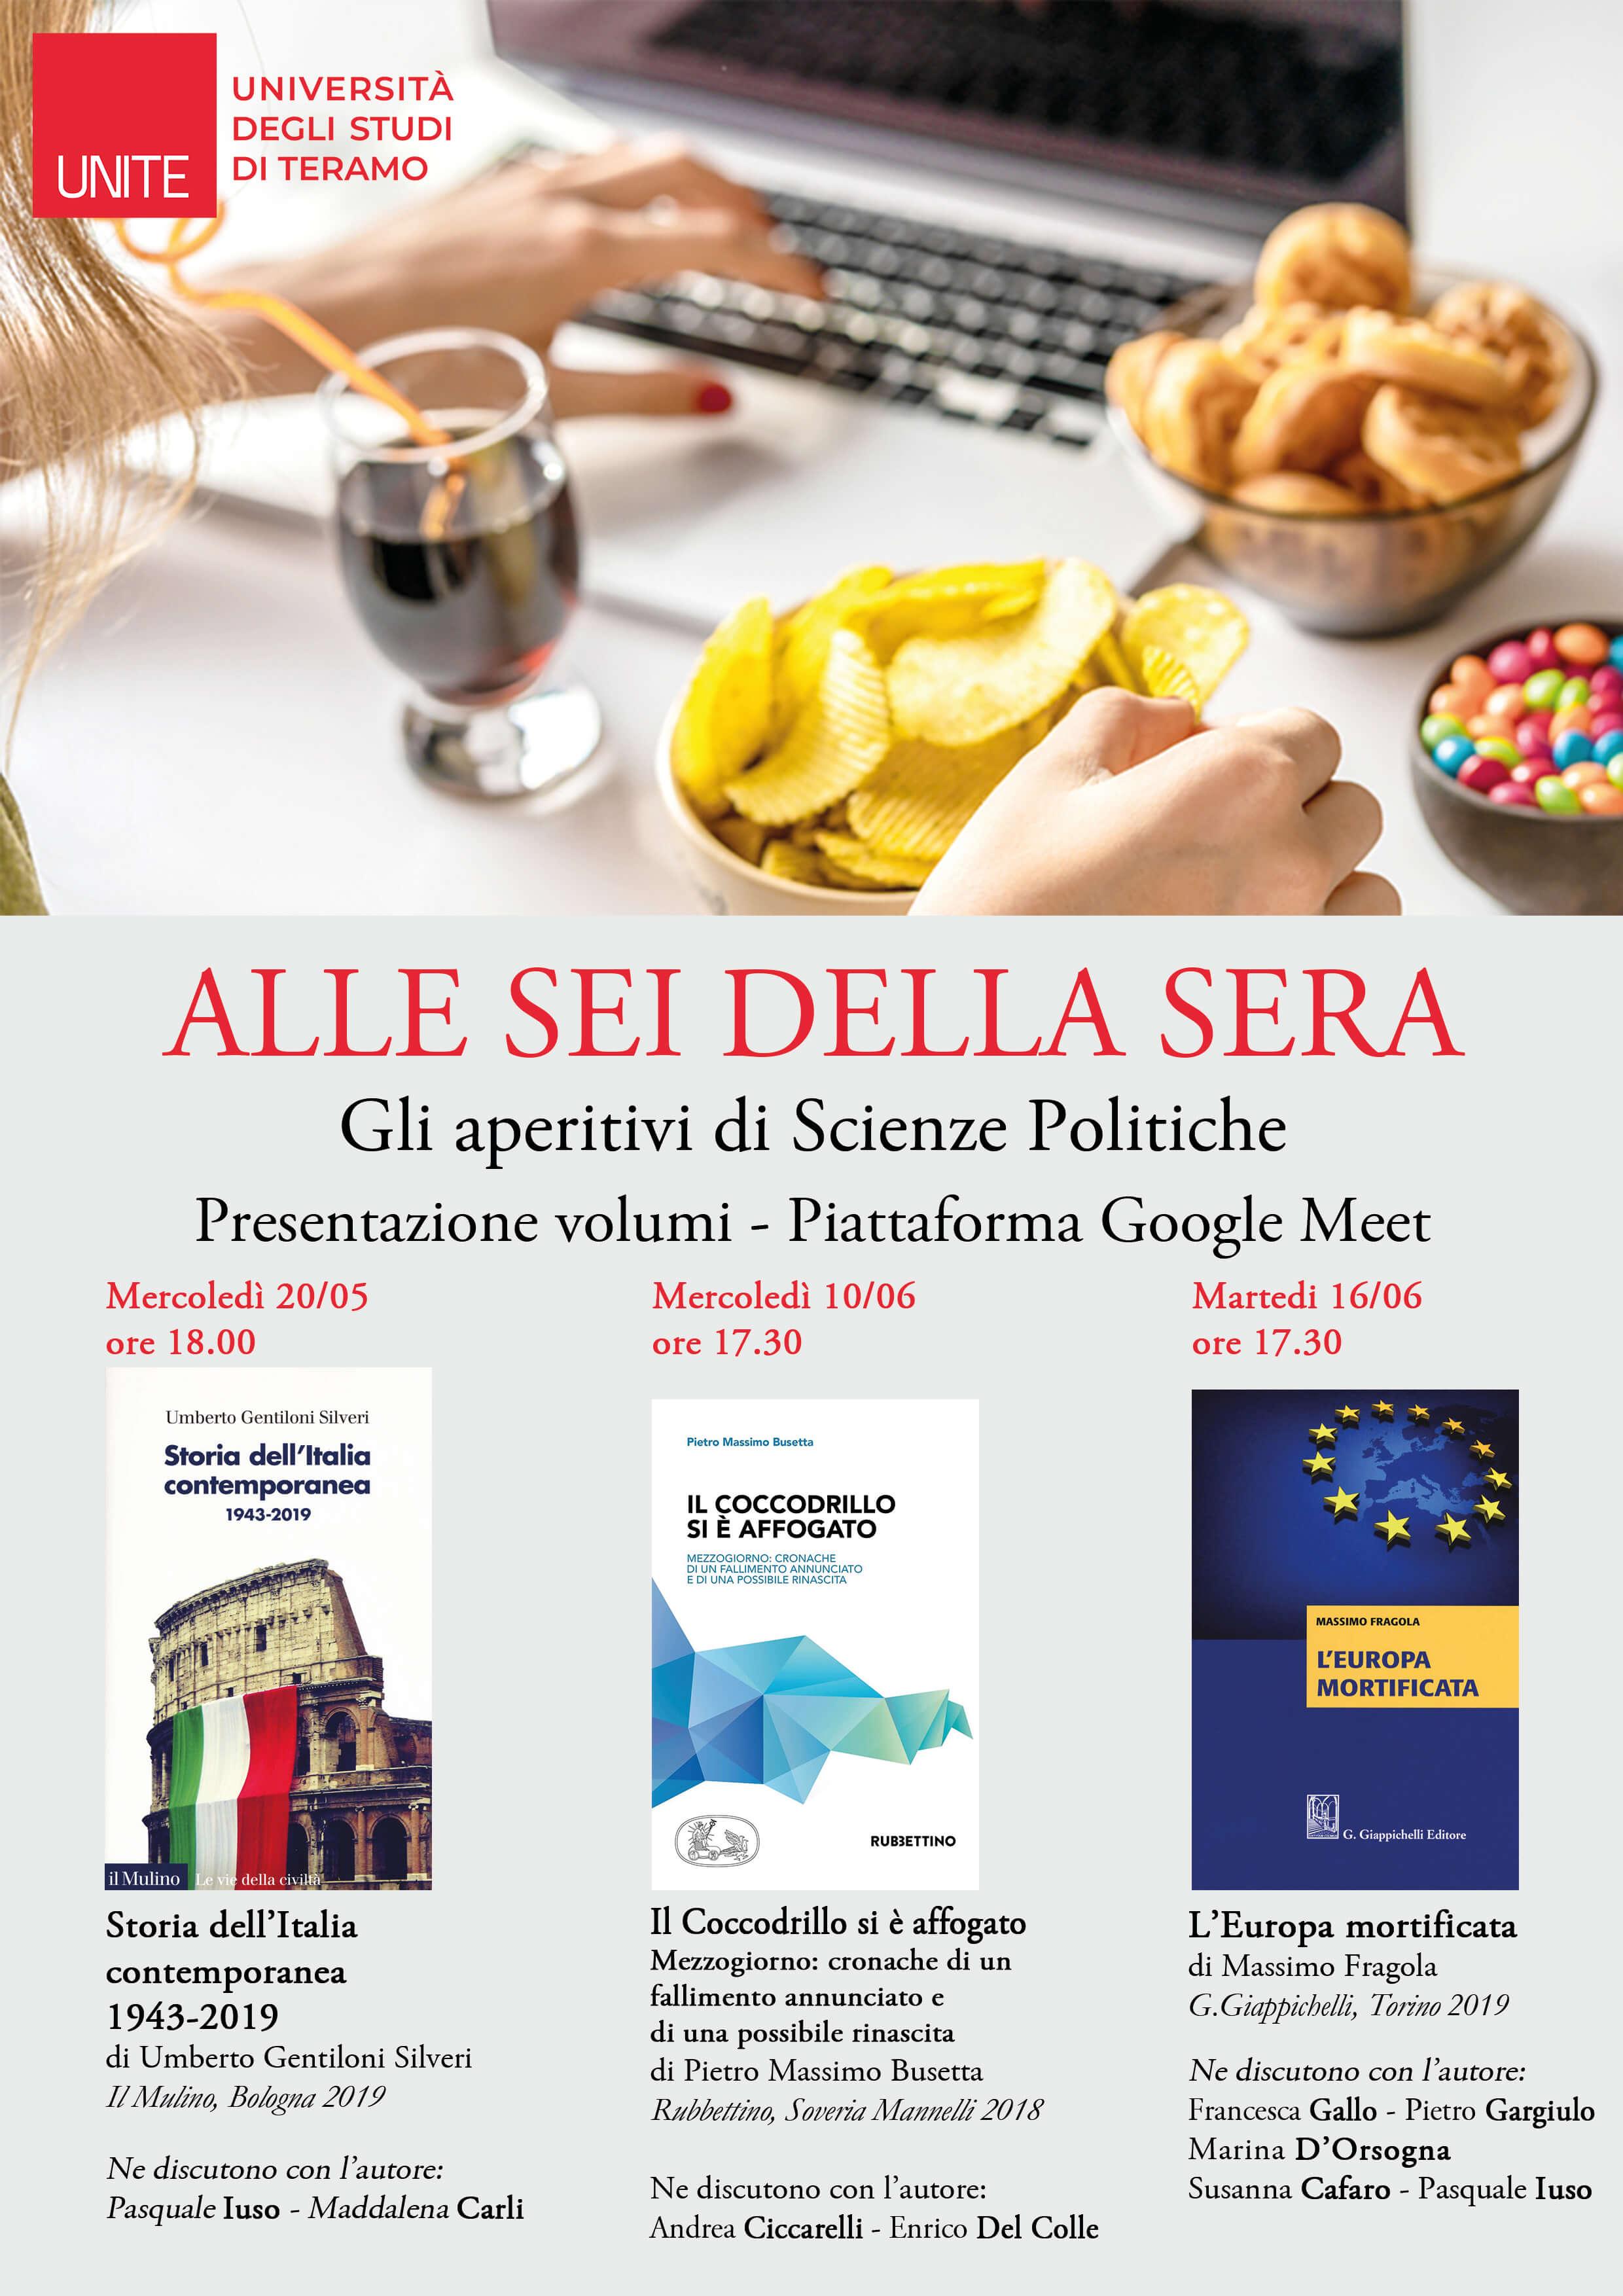 Gli aperitivi di Scienze Politiche: presentazione volumi su Google Meet